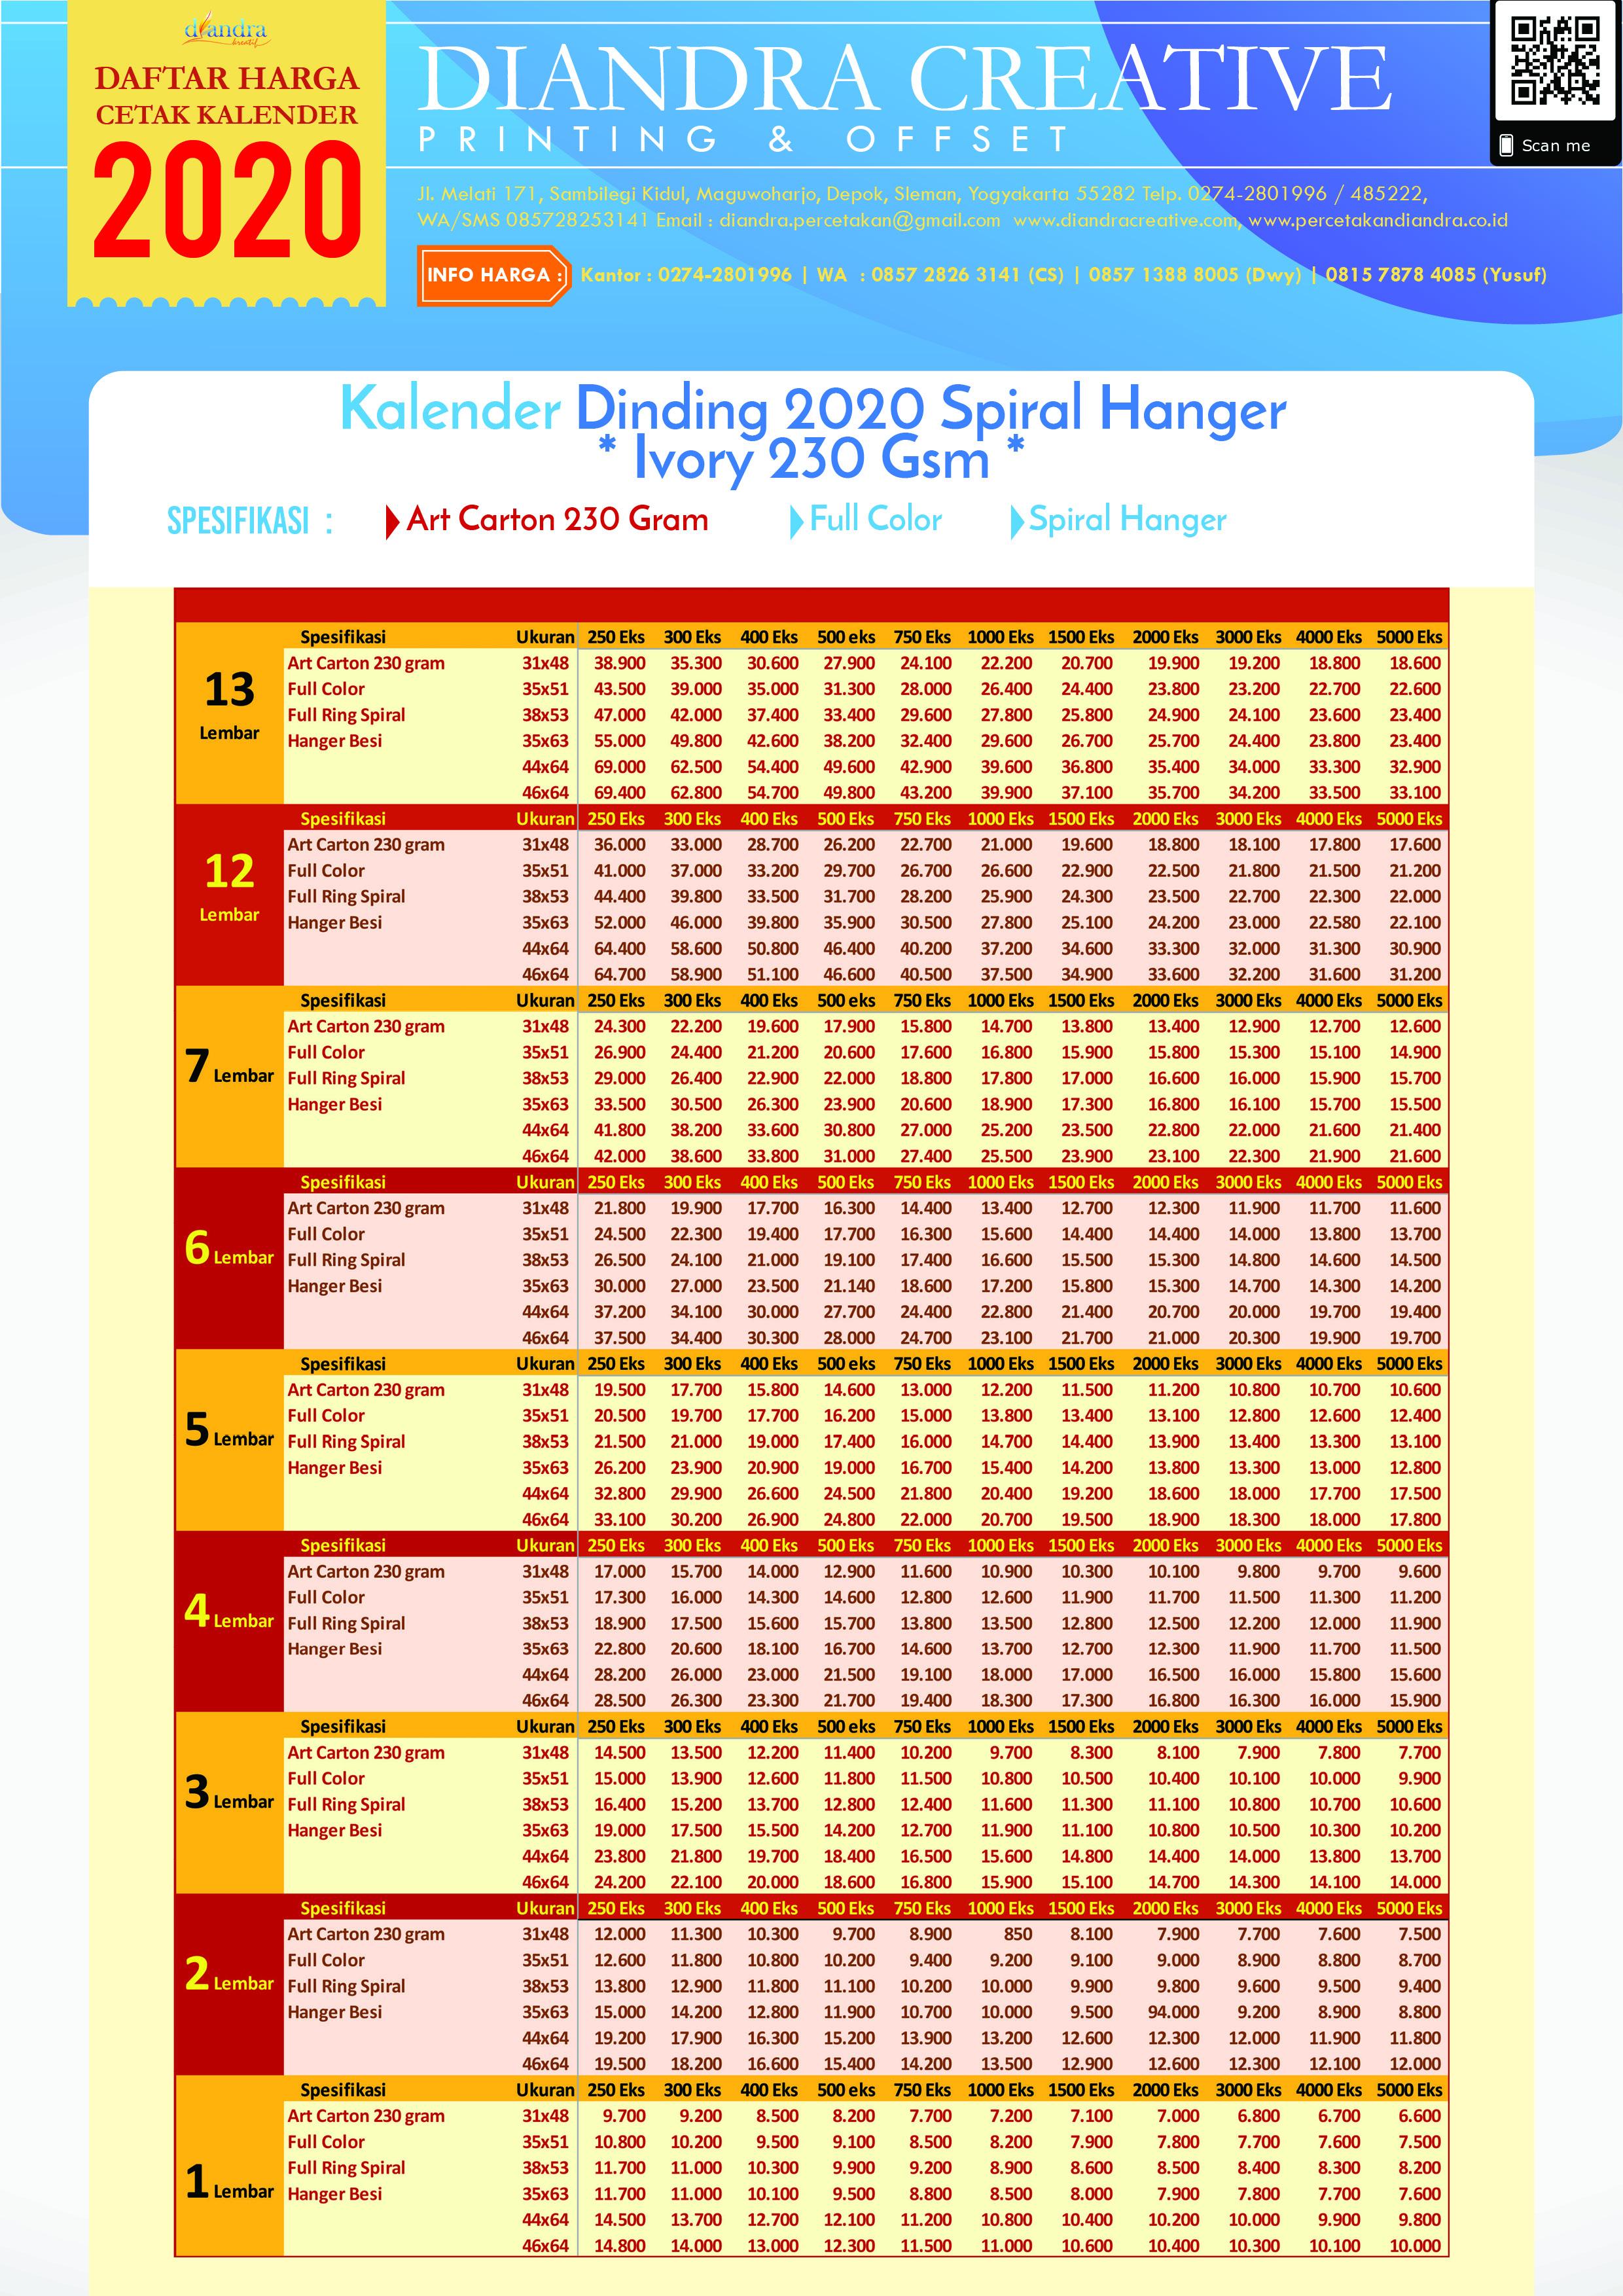 Cetak Kalender Dinding 2020 Spiral